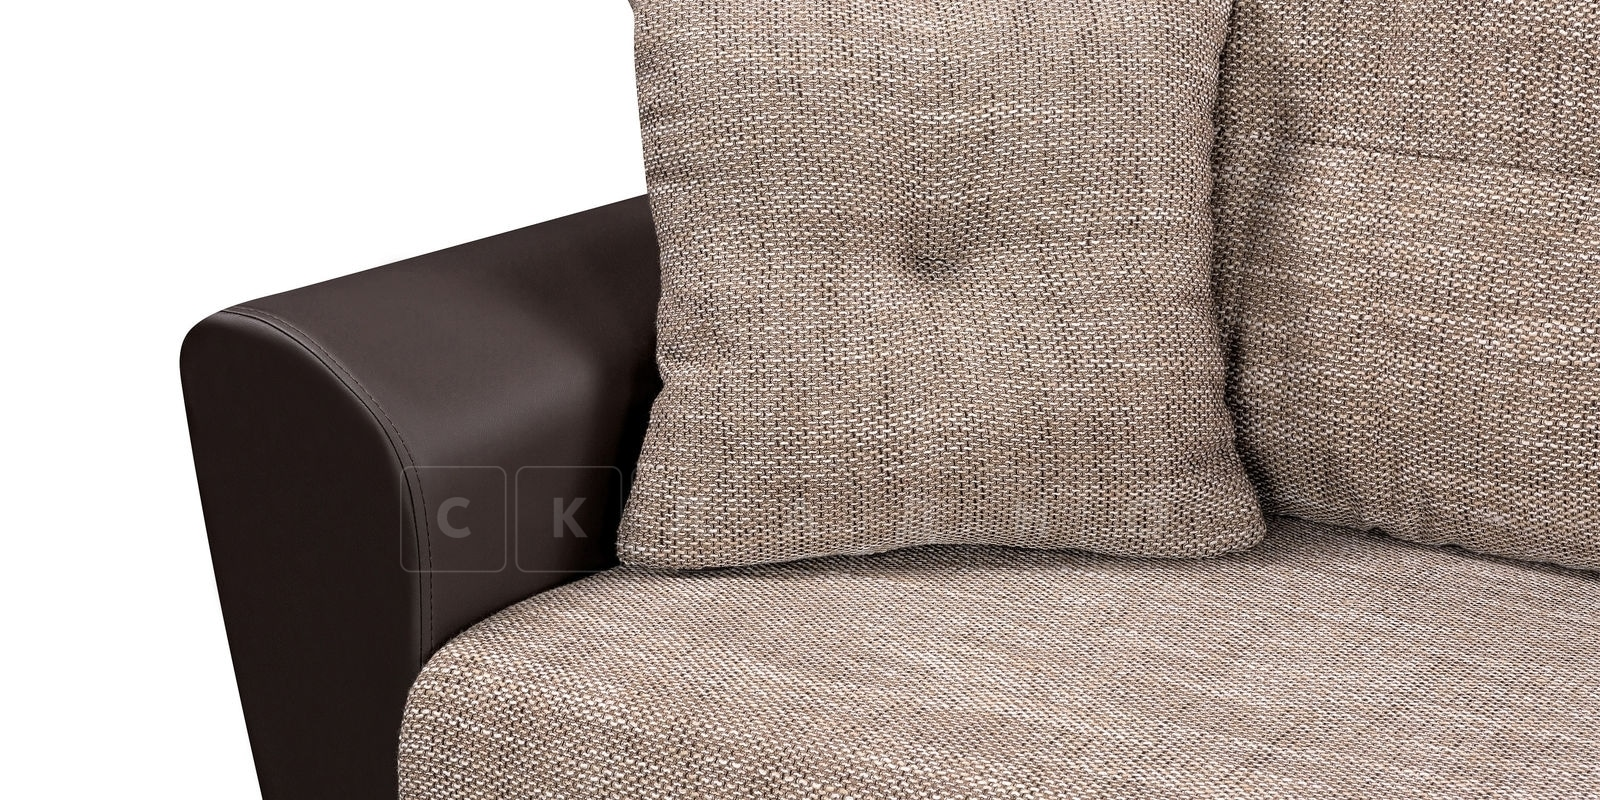 Диван прямой Амстердам кожаный с рогожкой коричневый фото 4 | интернет-магазин Складно